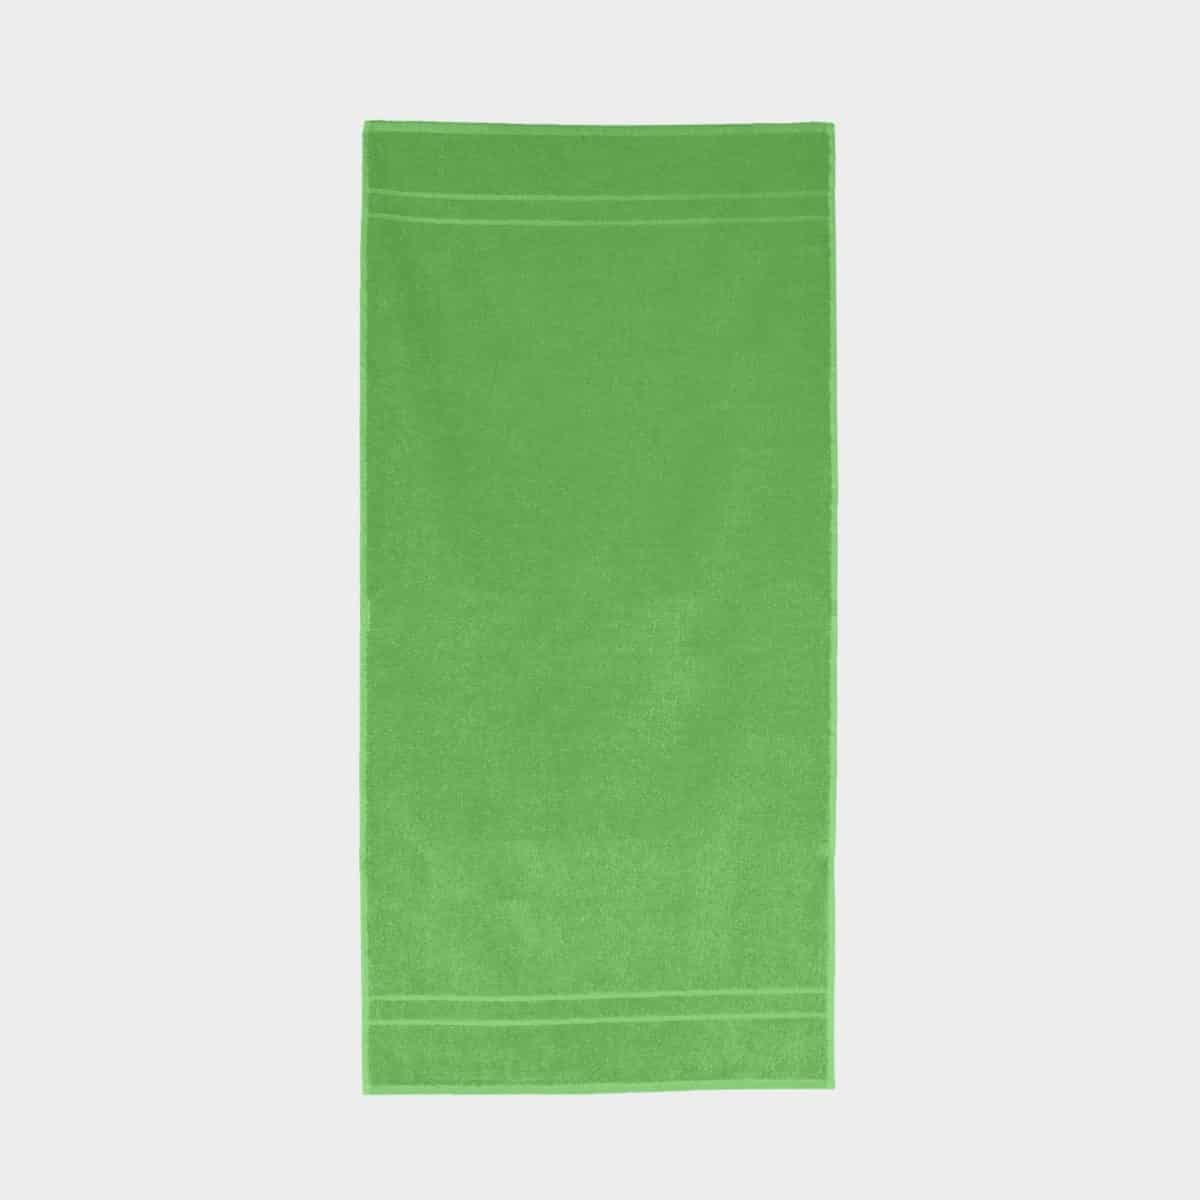 Handtuch-Quality-Frottee-kaufen-besticken_StickManufaktur